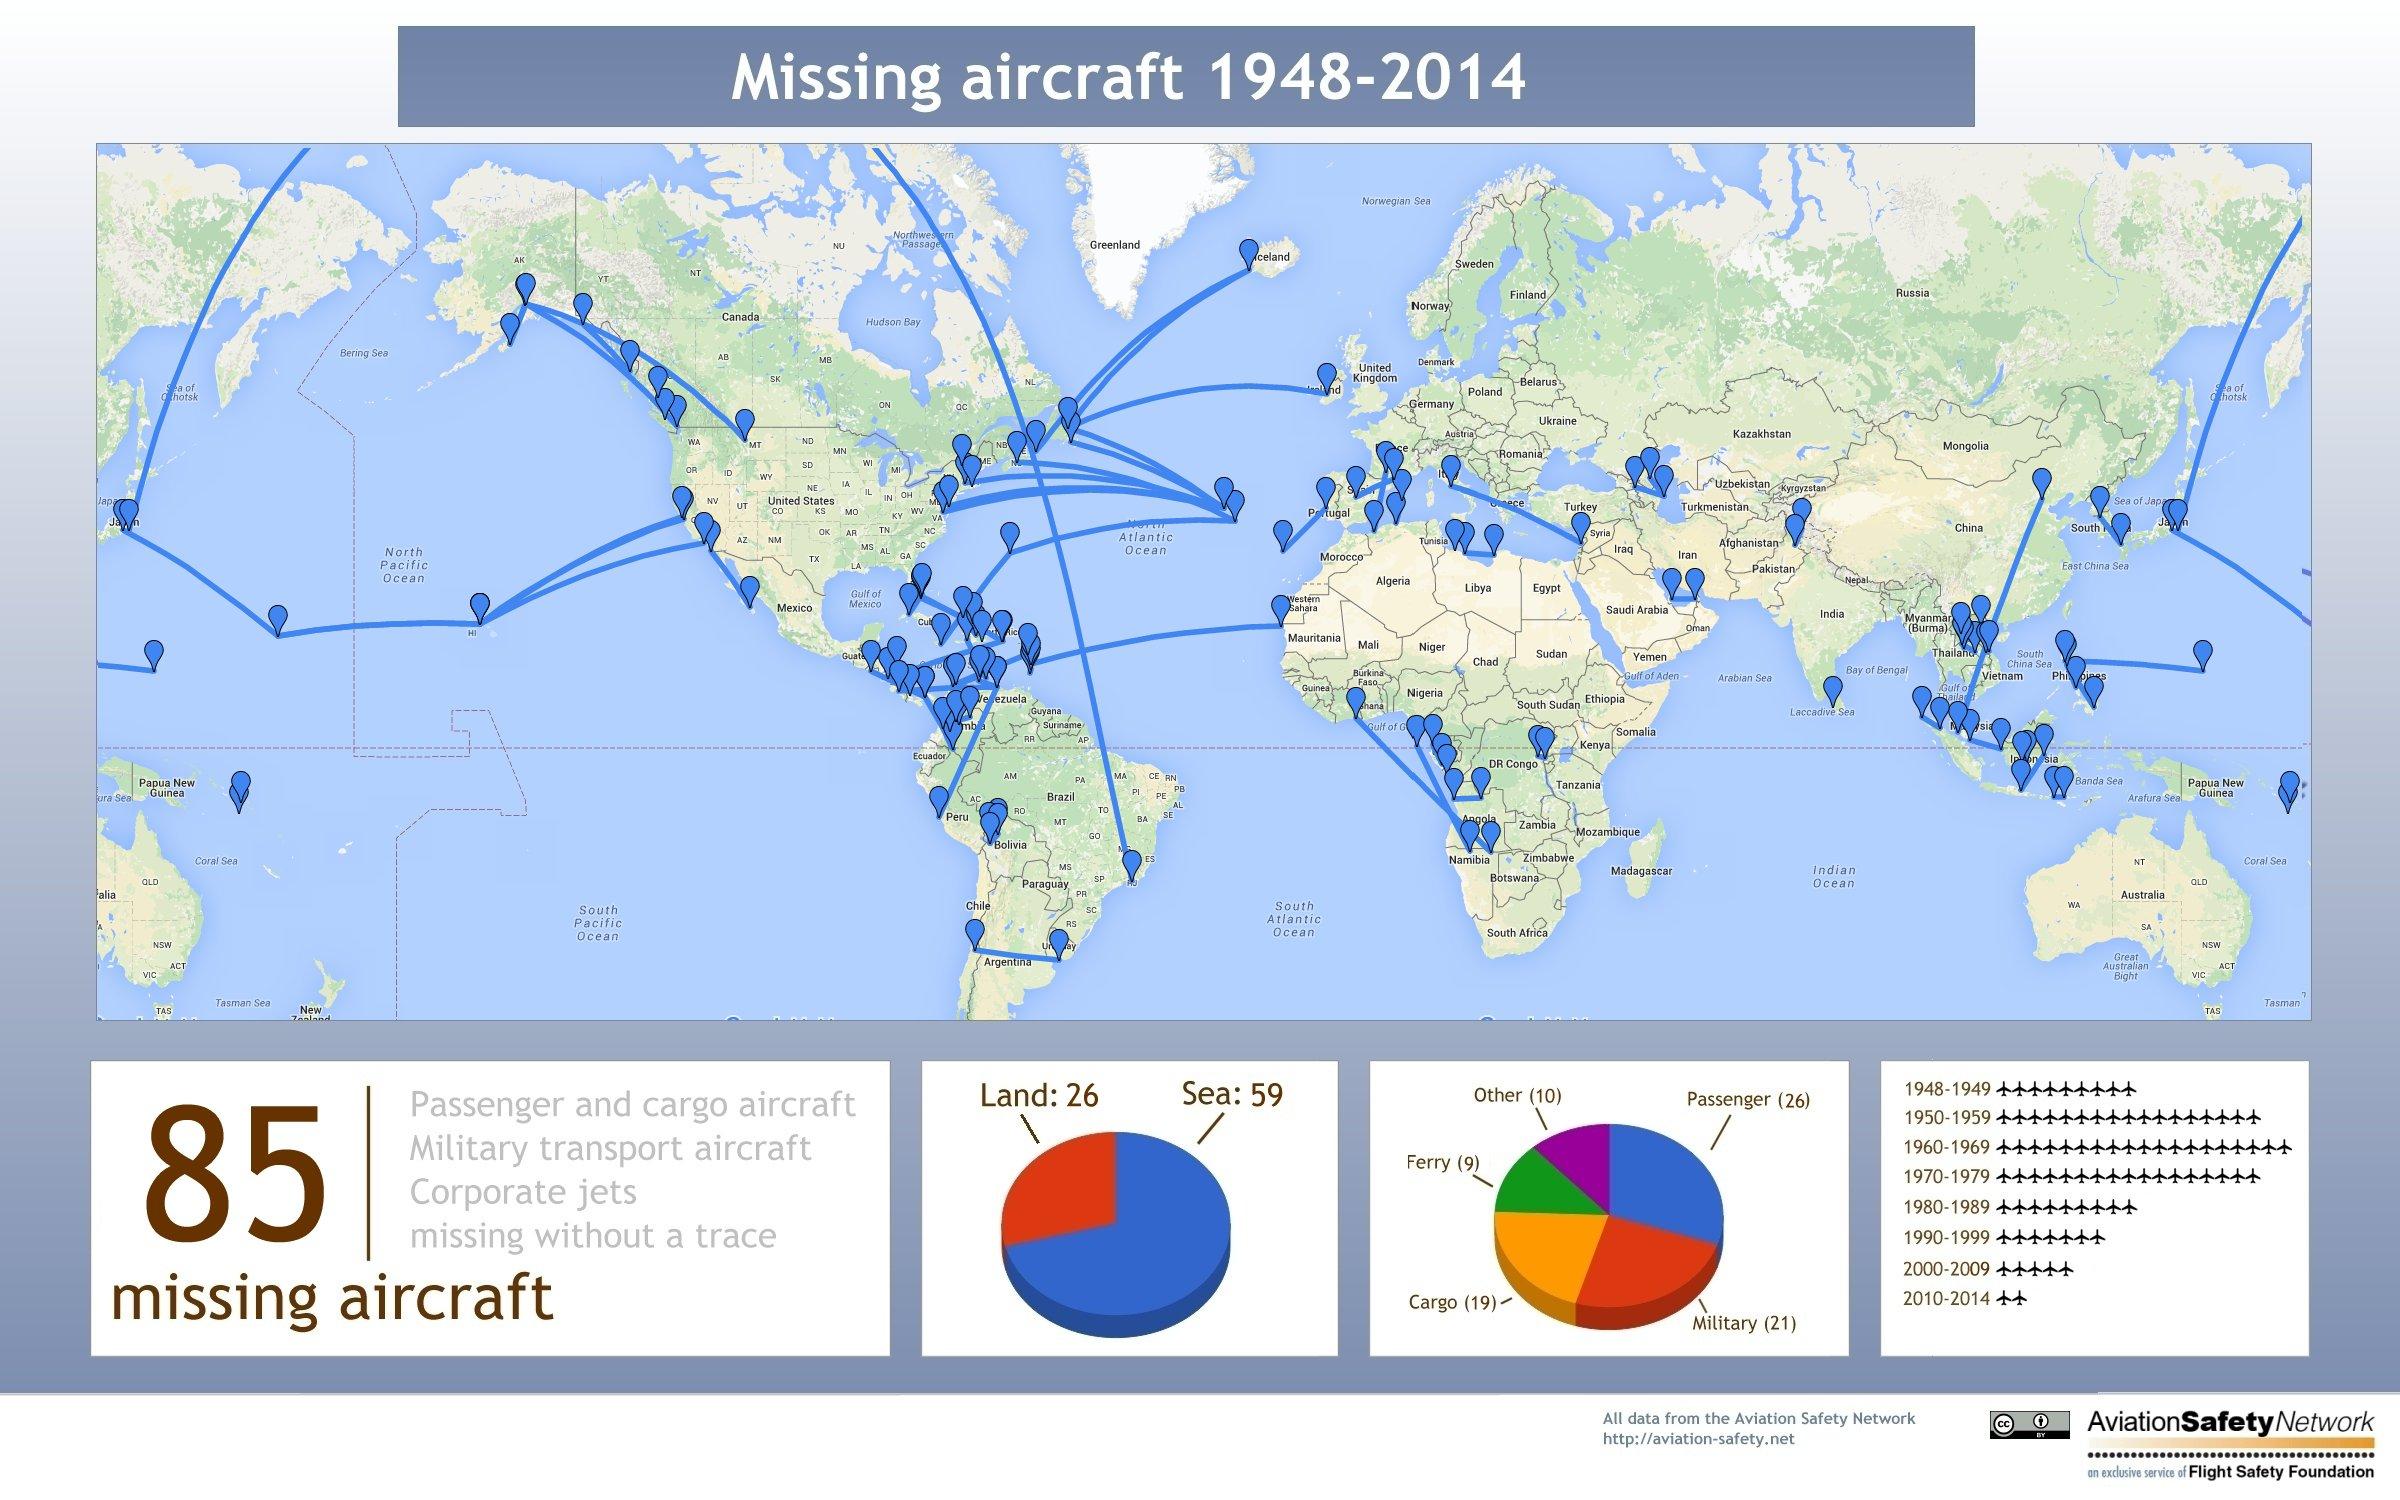 С 1948 года 85 самолетов просто пропали без вести